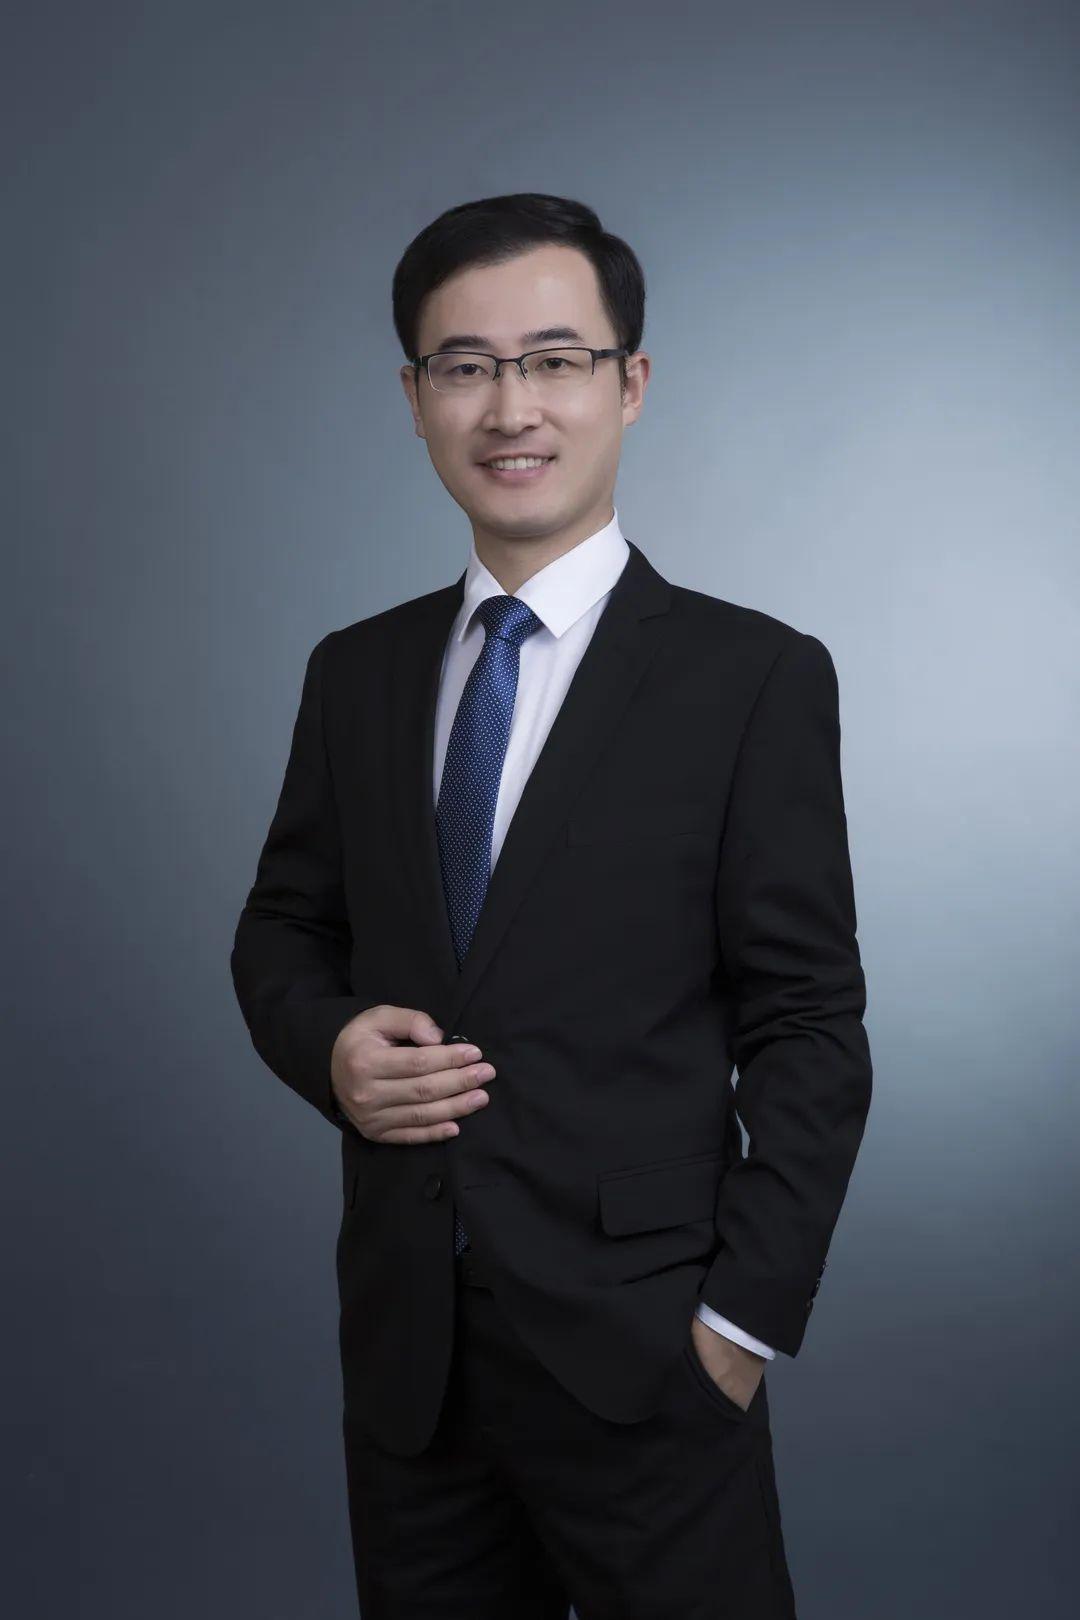 「开滦股份」创金合信基金王林峰:多因子量化模型捕获新经济行情插图